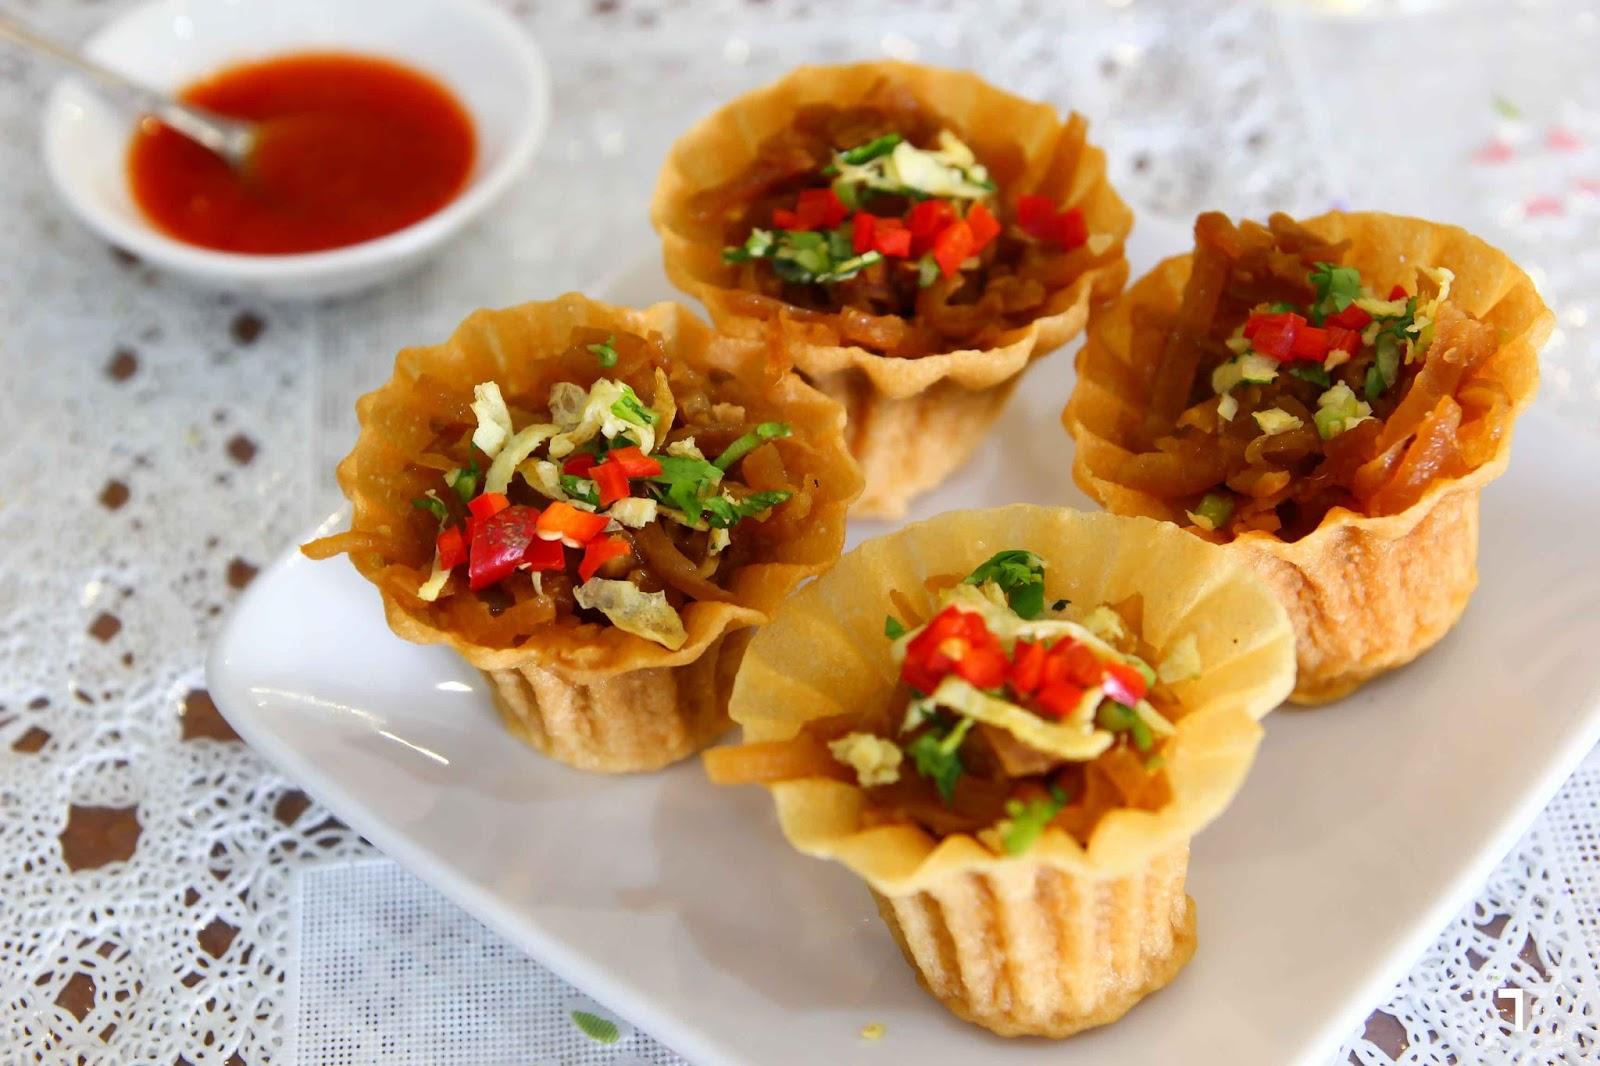 Melaka Food And Travel Guide